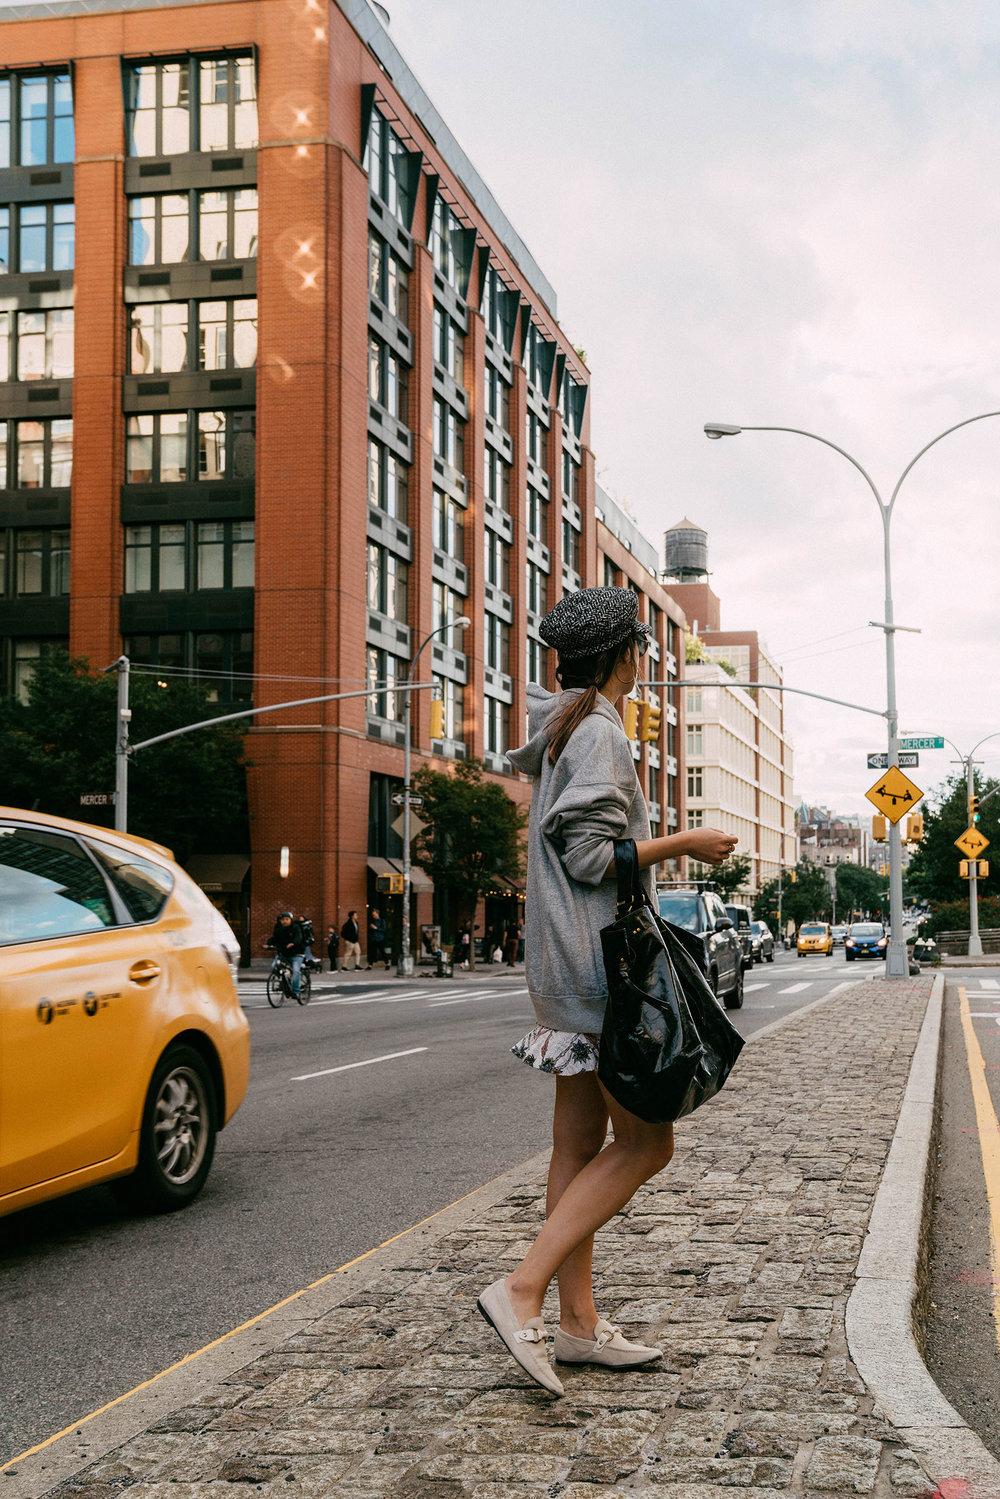 Isabel Marant Sweatshirt, Isabel Marant Bag, Isabel Marant Shoes (Similar), Eugenia Kim Hat